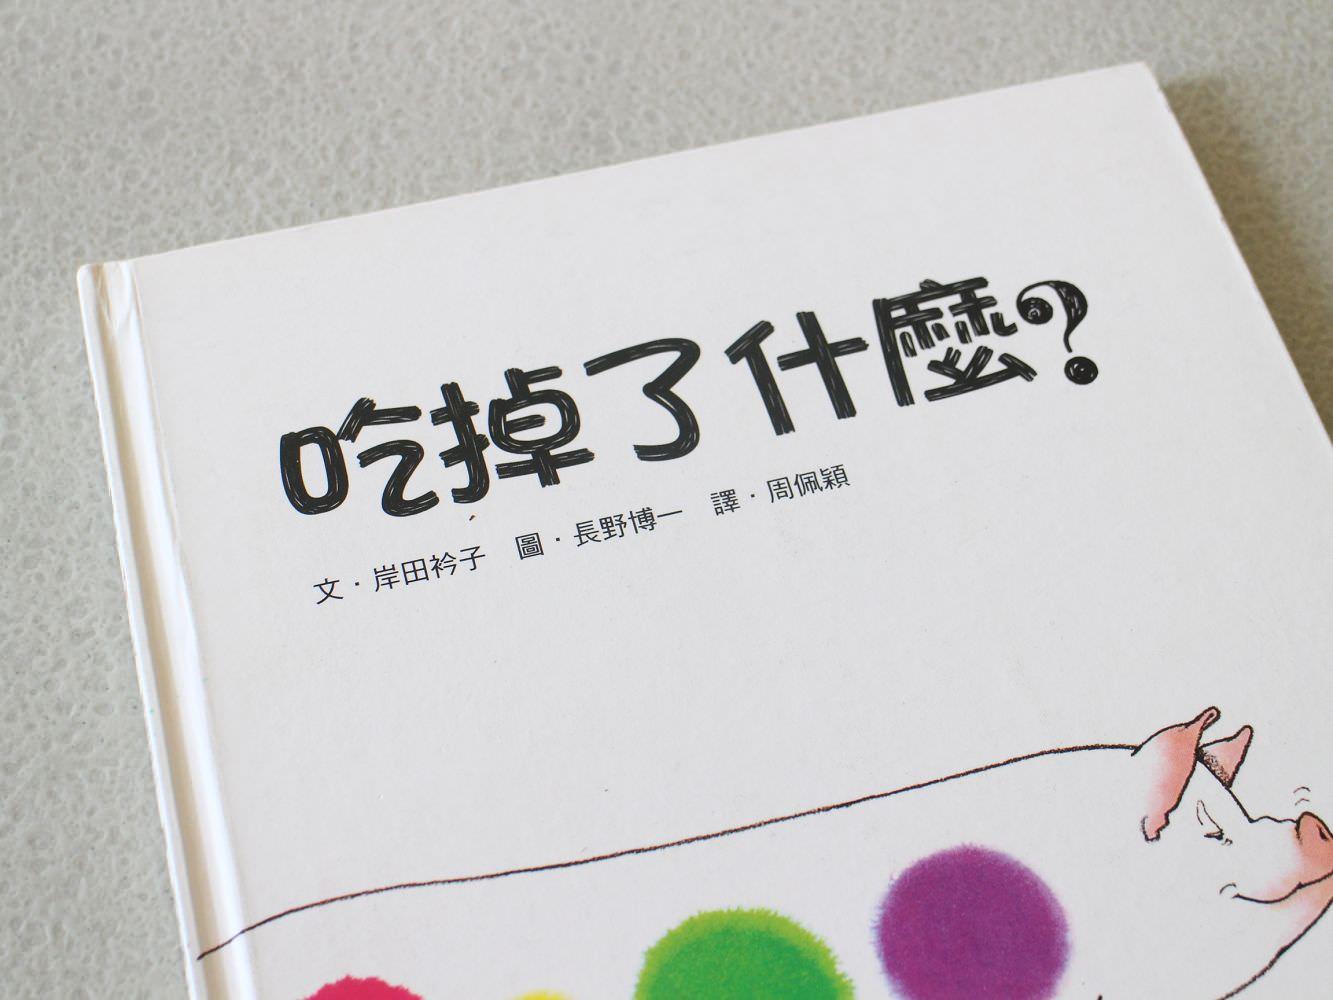 繪本︱親子共讀︱吃掉了什麼:幽默學顏色,在生活裡認識顏色,這樣學色彩就對了